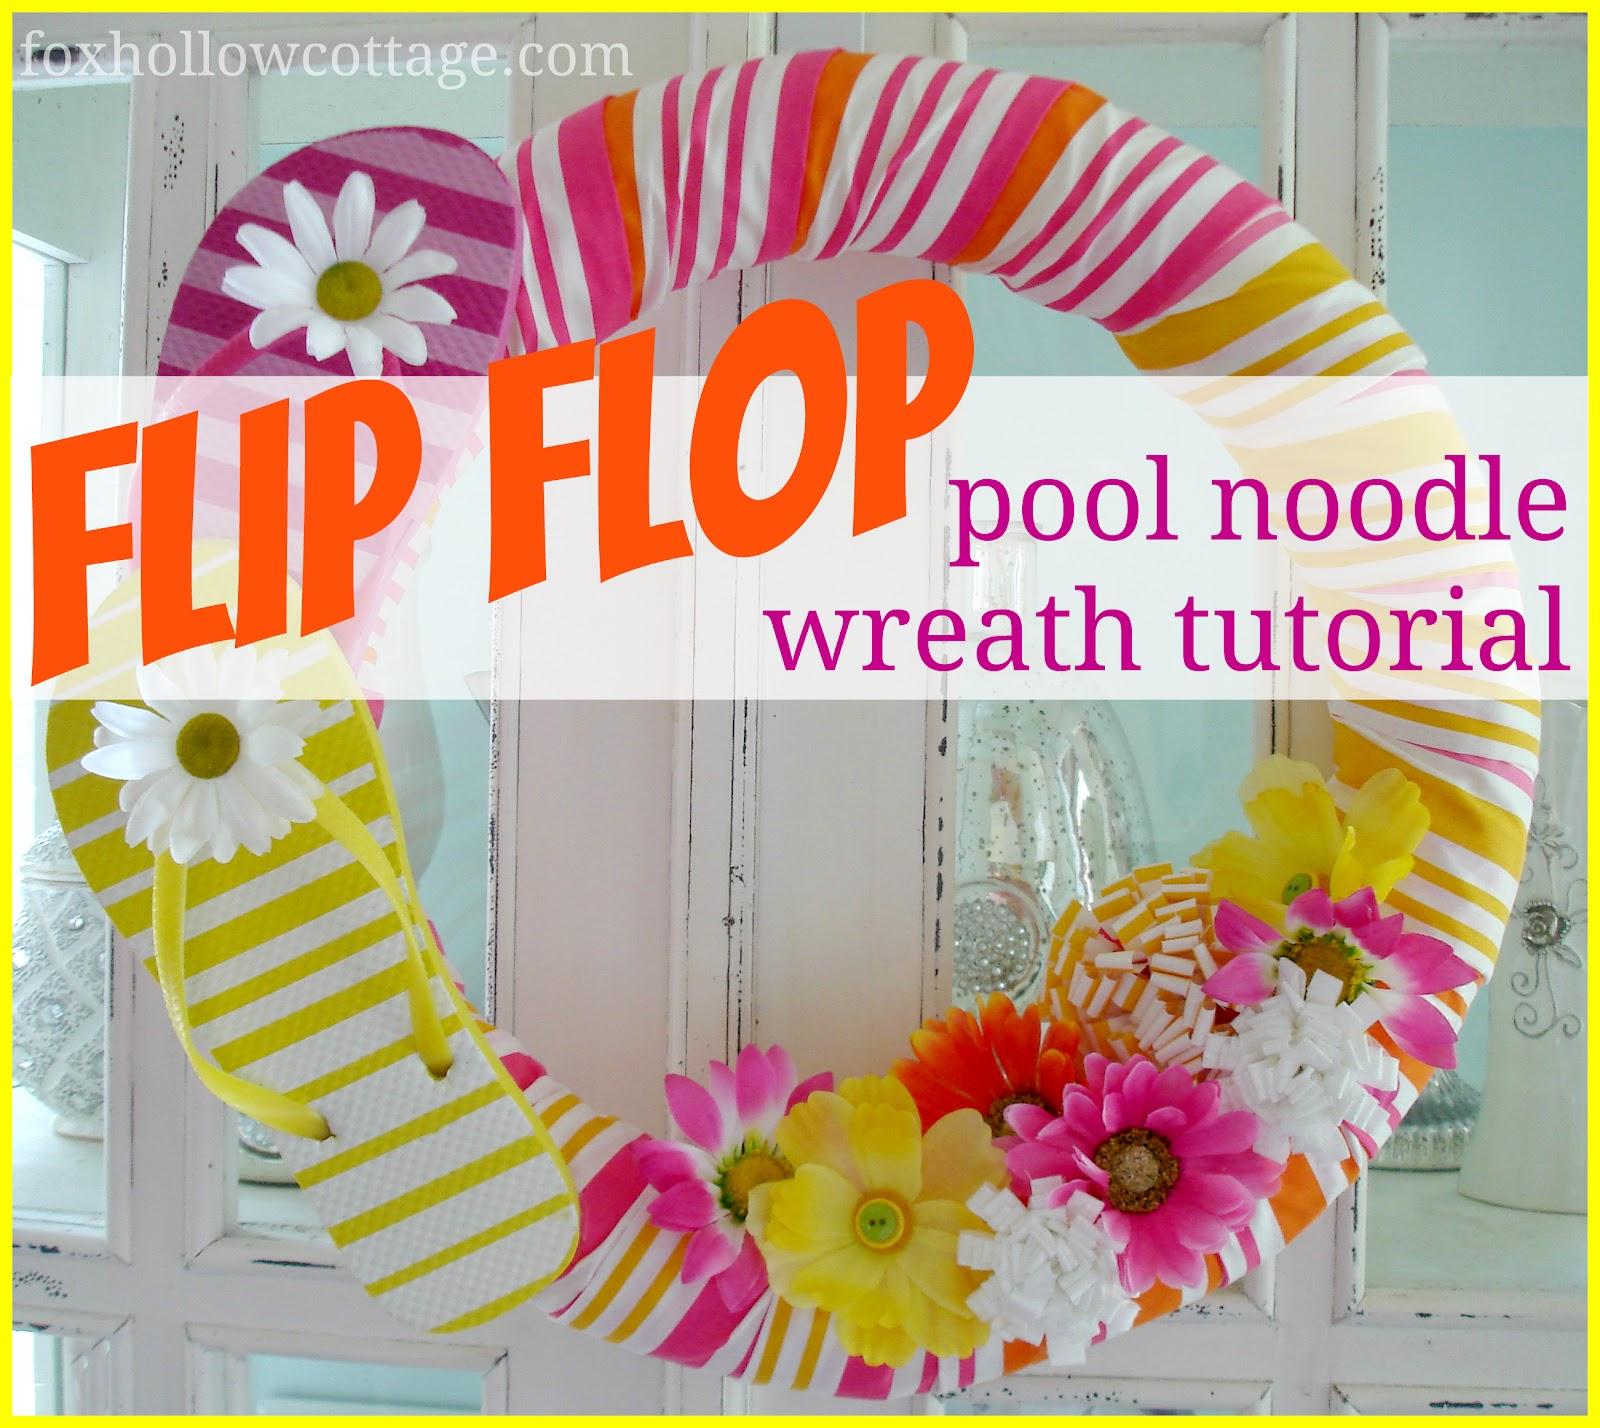 59de4a523379 Flip Flop Summer Pool Noodle Wreath Tutorial - Fox Hollow Cottage